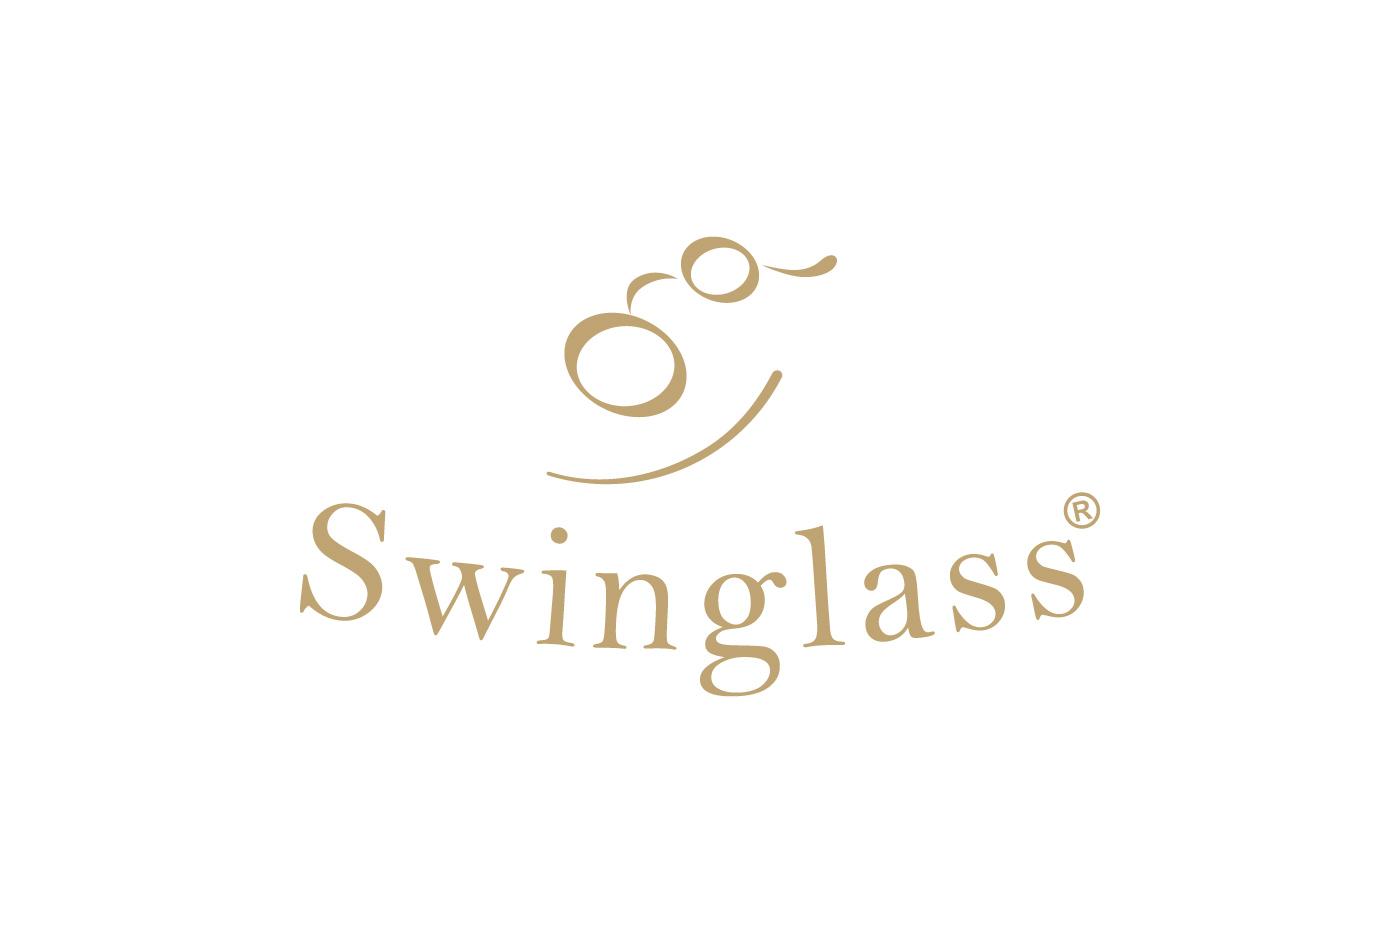 Swinglass